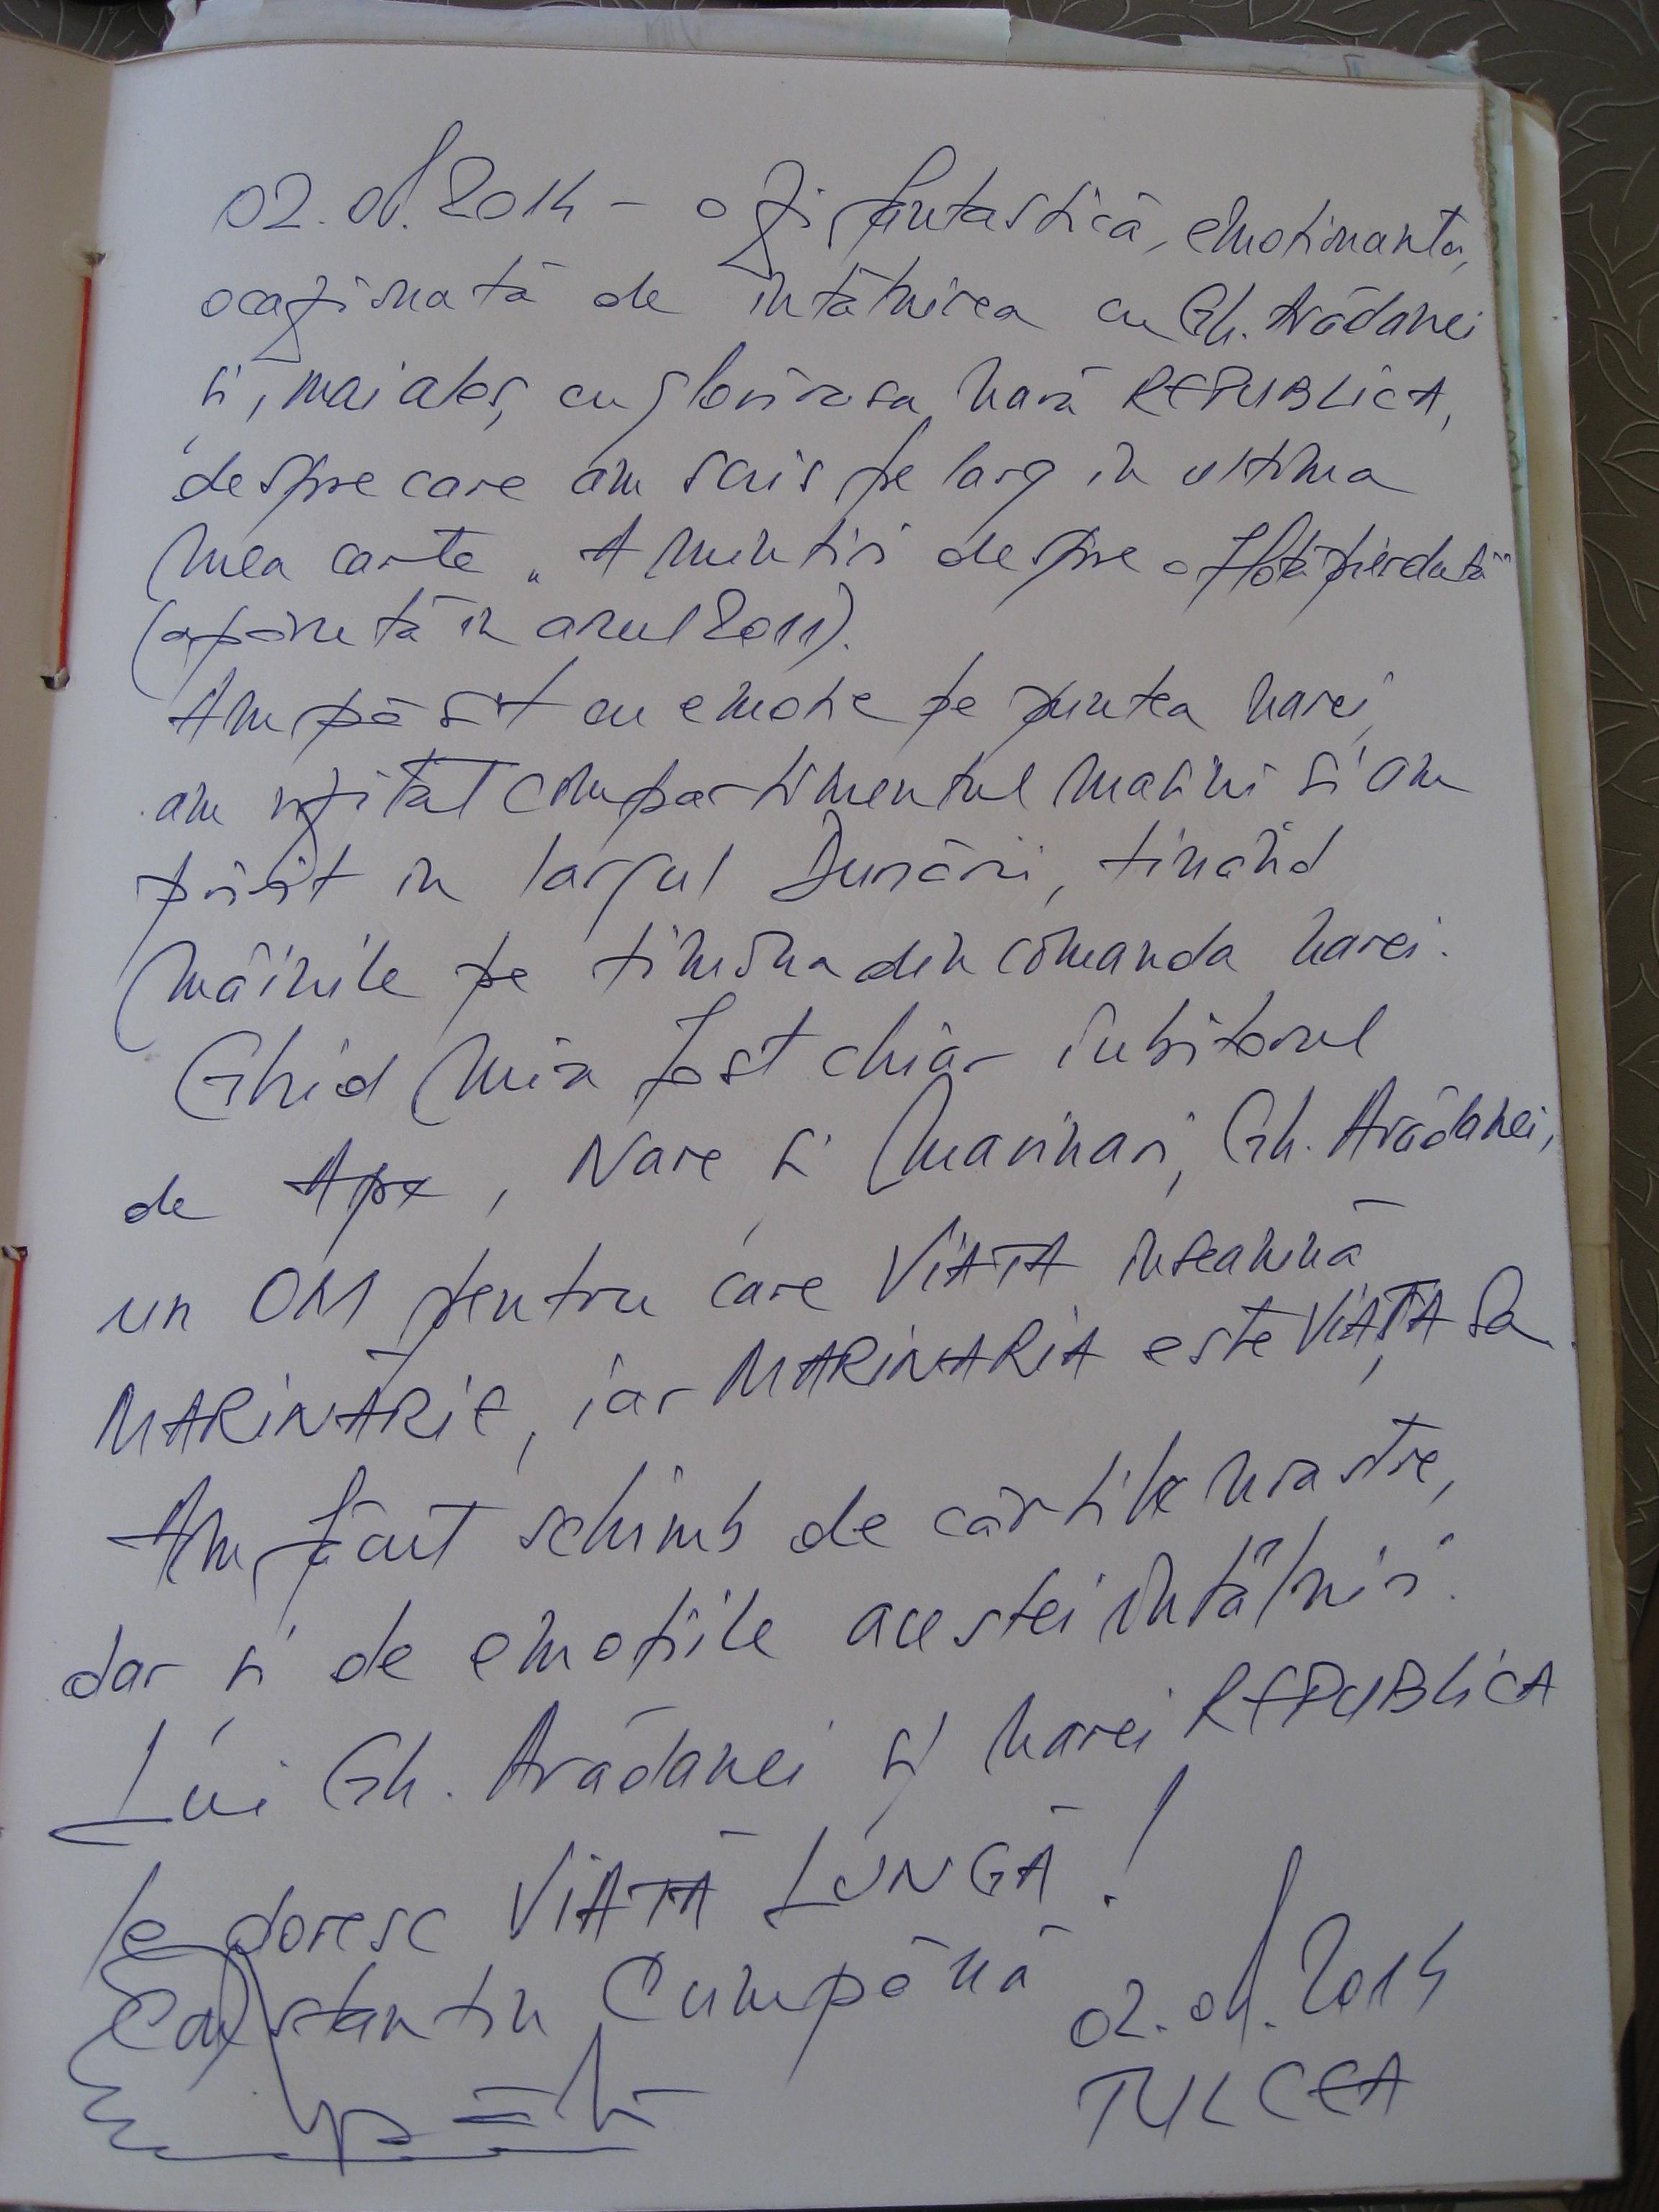 """02.08.2014 - o zi fantastică, emoționantă, ocazionată de întâlnirea cu Gh. Avădanei și, mai ales, cu glorioasa navă REPUBLICA, despre care am scris pe larg în ultima mea carte """"Amintiri despre o flotă pierdută"""" (apărută în anul 2011). Am pășit cu emoție pe puntea navei, am vizitat compartimentul mașini și am privit în largul Dunării, ținând mâinile pe timona din comanda navei. Ghid mi-a fost chiar iubitorul de Ape, Nave și Marinari, Gh. Avădanei, un OM pentru care VIAȚA înseamnă MARINĂRIE, iar MARINĂRIA este VIAȚA sa. Am făcut schimb de cărțile noastre, dar și de emoțiile acestei întâlniri. Lui Gh. Avădanei și navei REPUBLICA le doresc VIAȚĂ LUNGĂ. Constantin Cumpănă, 02.08.2014, TULCEA."""